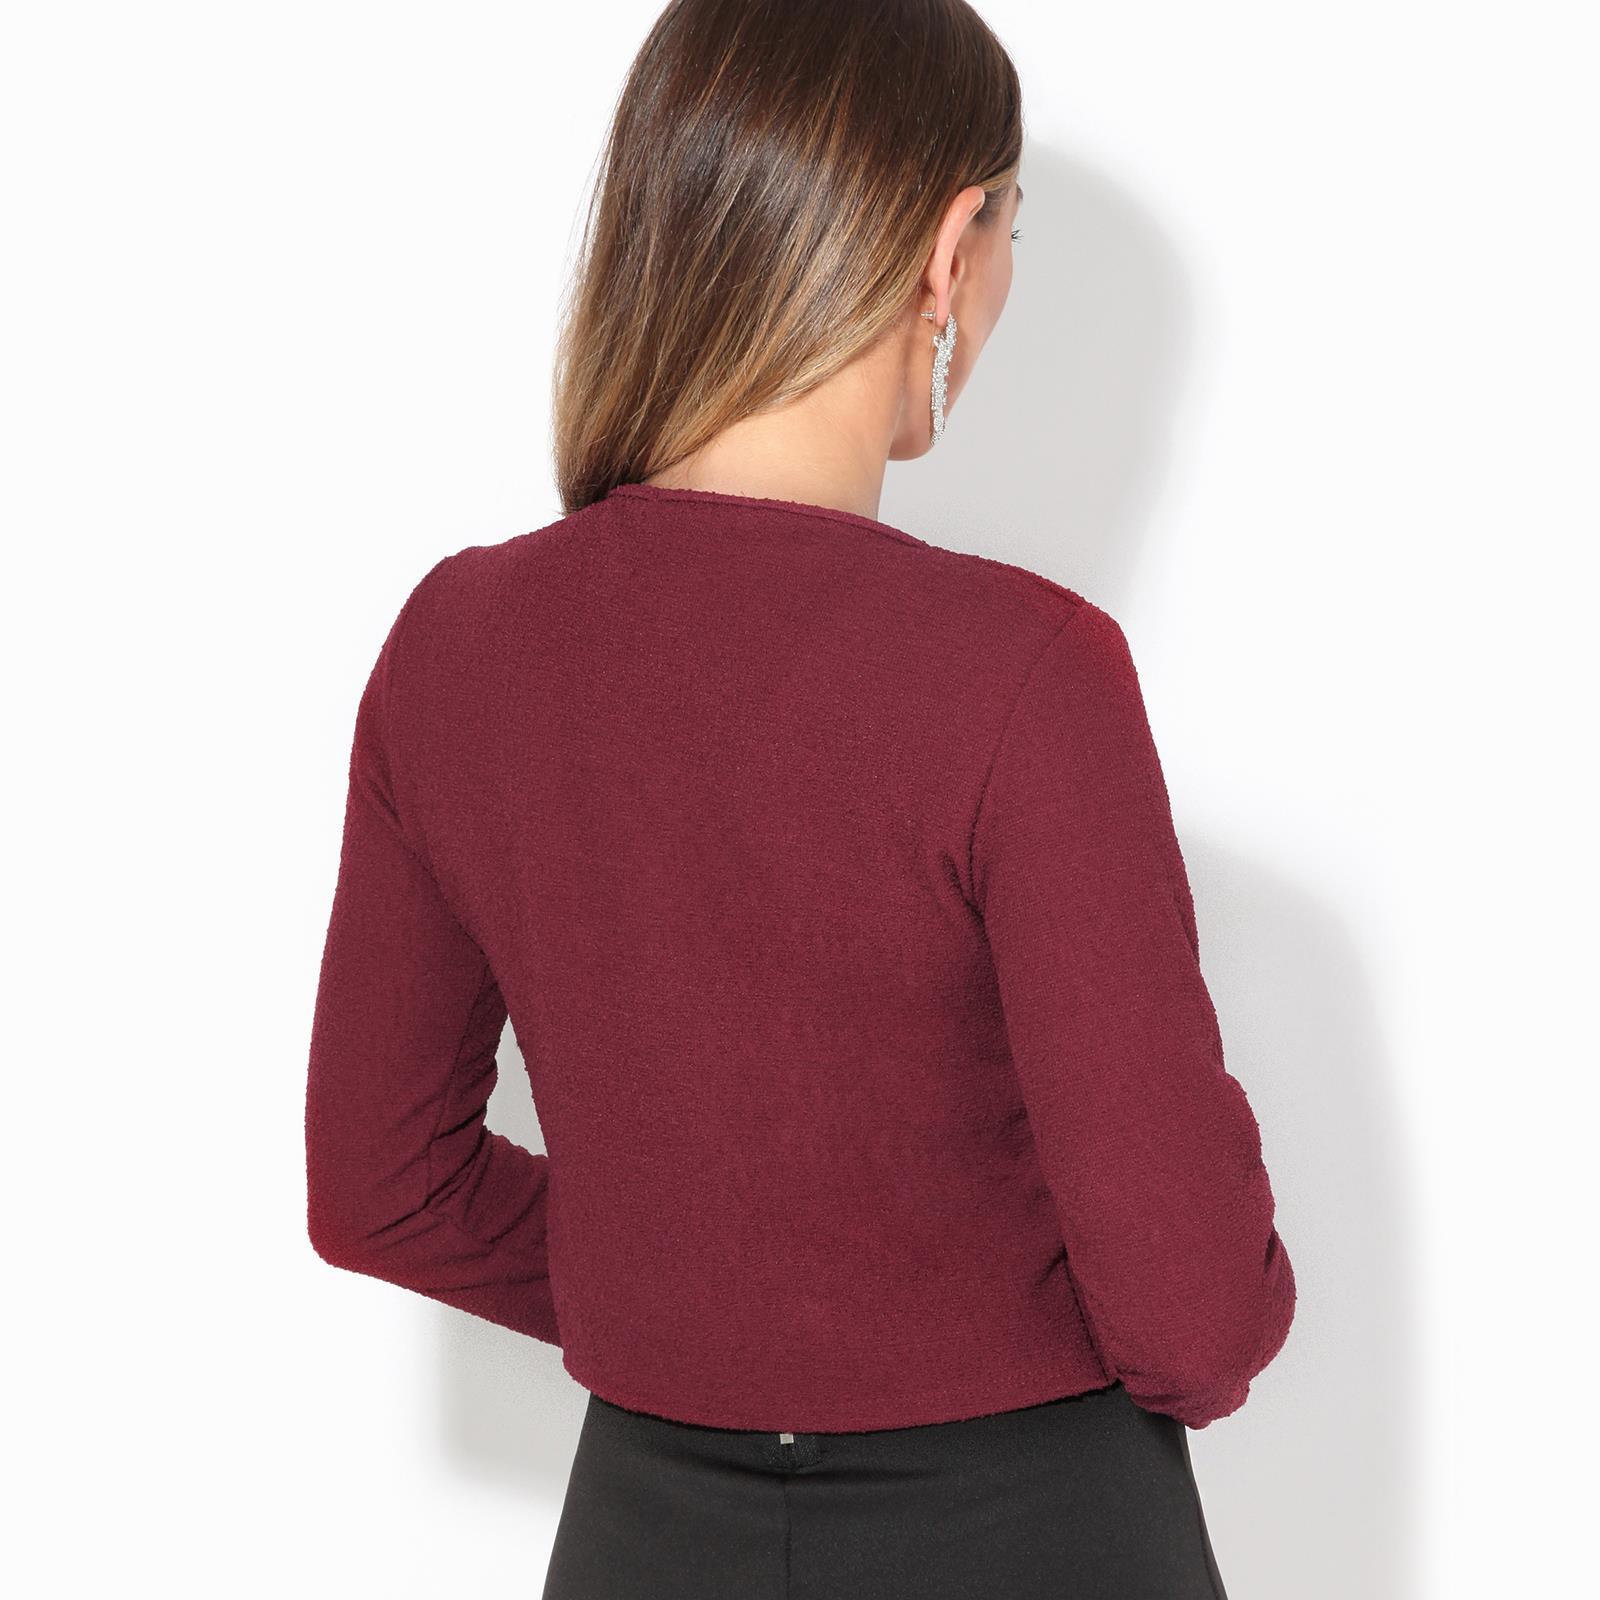 Donna-Maglia-Bolero-Coprispalle-Giacca-Top-Corto-Apri-Cardigan-Scialle-Moda-Work miniatura 16